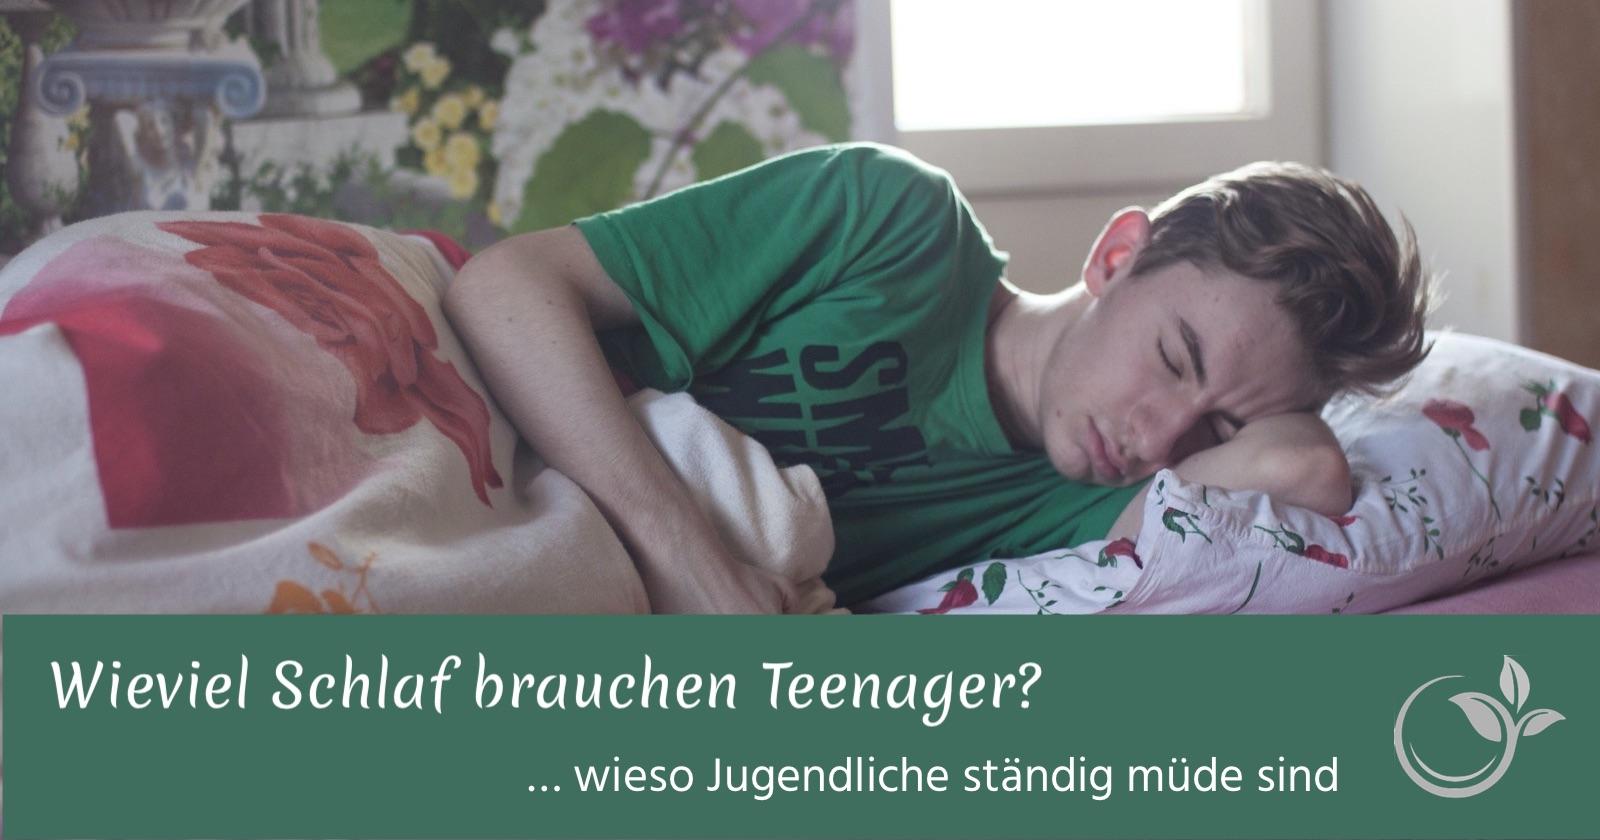 Wieviel Schlaf brauchen Teenager? … wieso Jugendliche ständig müde sind